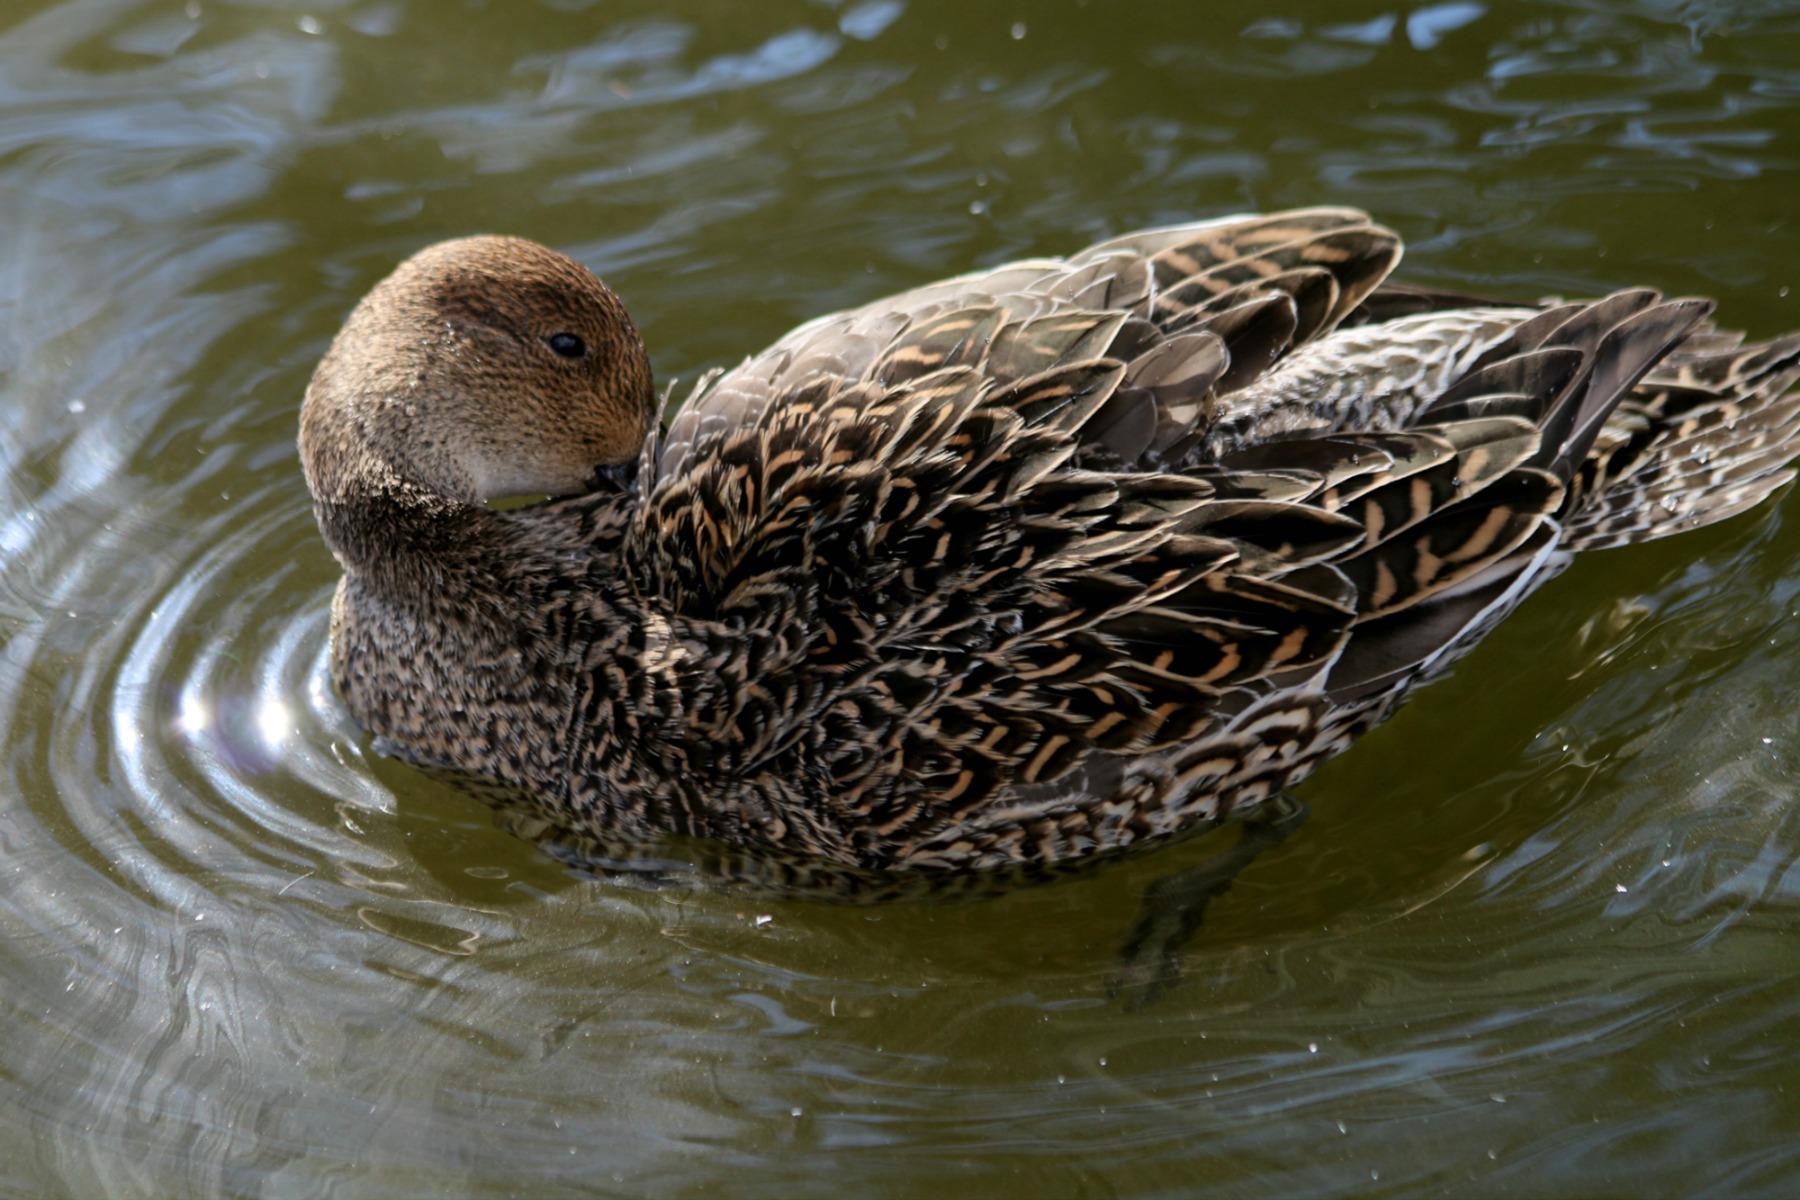 上野動物園で見かけた野鳥_a0127090_23273878.jpg